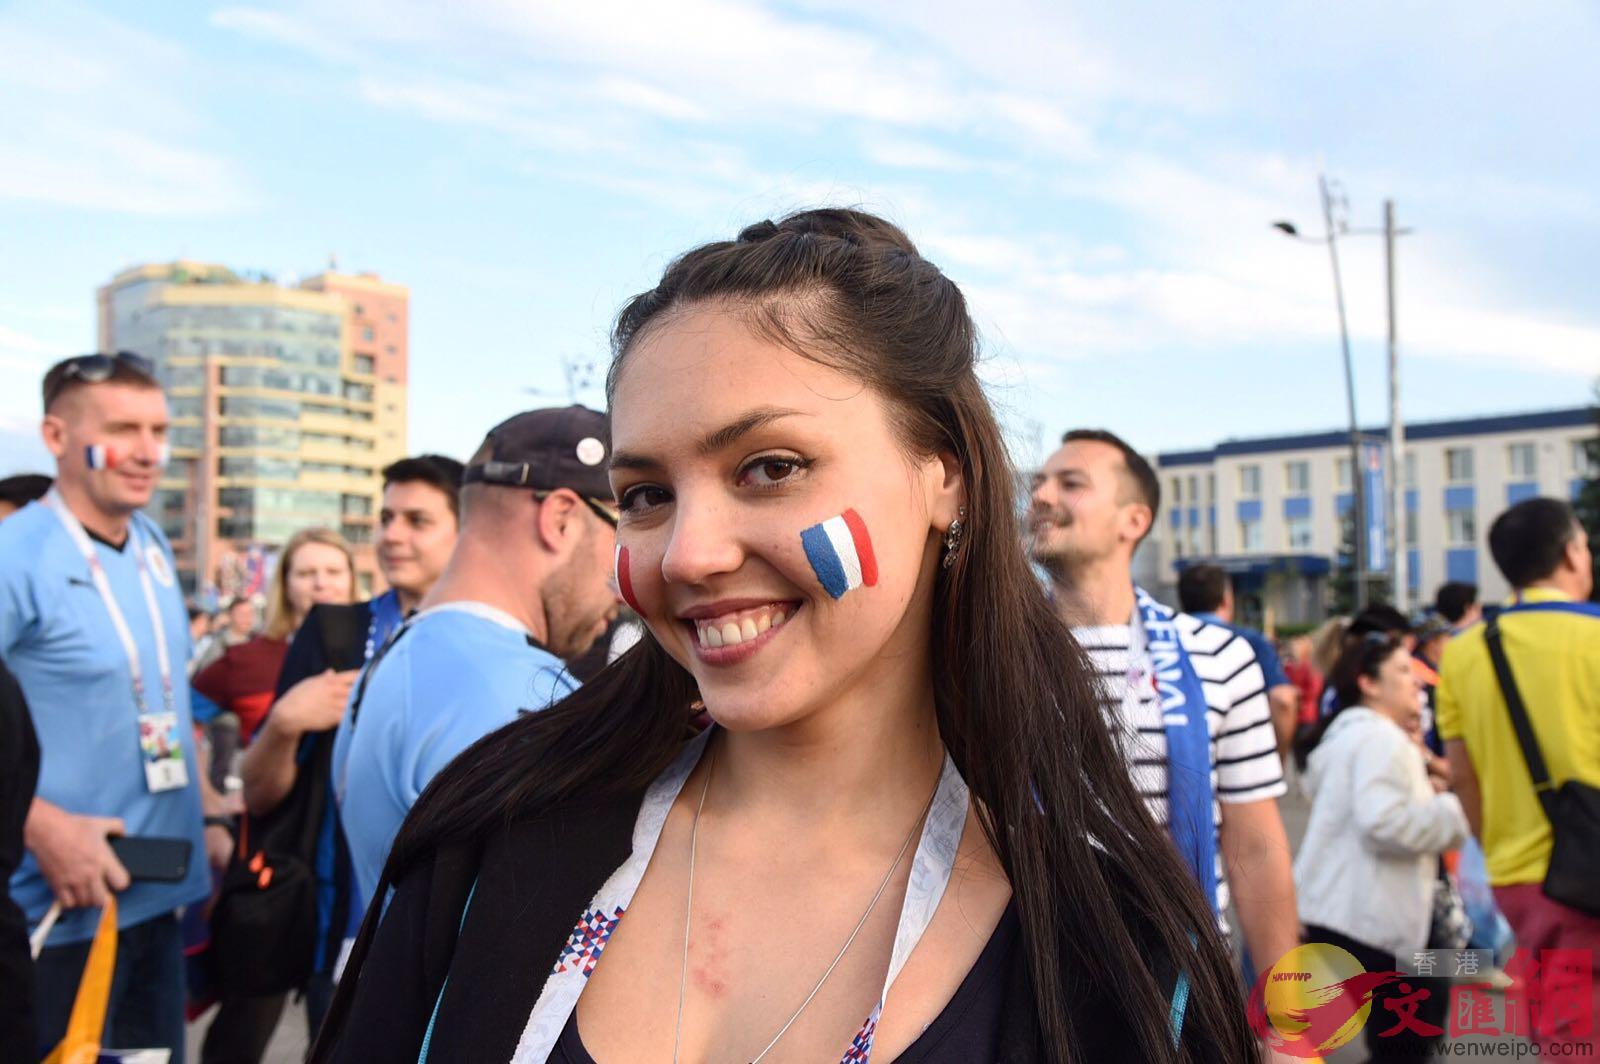 法國女球迷Cecilia樣子甜美。大文特派記者 何嘉軒 攝